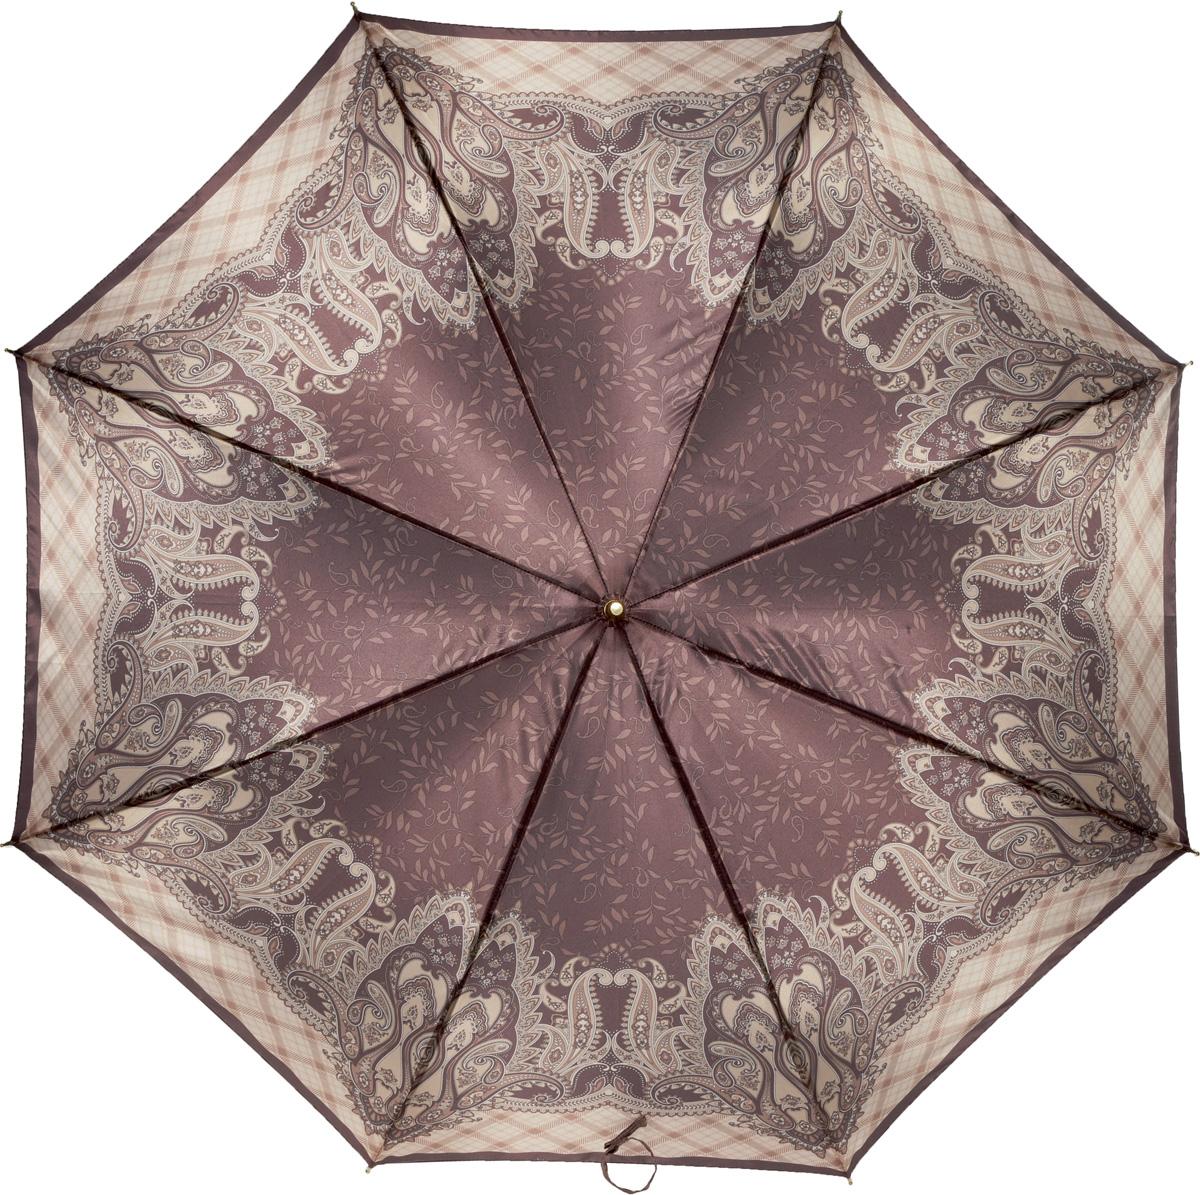 Зонт-трость женский Fabretti, механика, цвет: мультиколор. 1609REM12-GREYЖенский зонт-трость от итальянского бренда Fabretti. Конструкция модели - механика. Эксклюзивный дизайнерский принт зонта сделает вас неотразимыми в любую непогоду. Материал купола - полиэстер. Он невероятно изящен, приятен на ощупь, обладает высокой прочностью, а также устойчив к выцветанию. Эргономичная ручка сделана из высококачественного пластика.